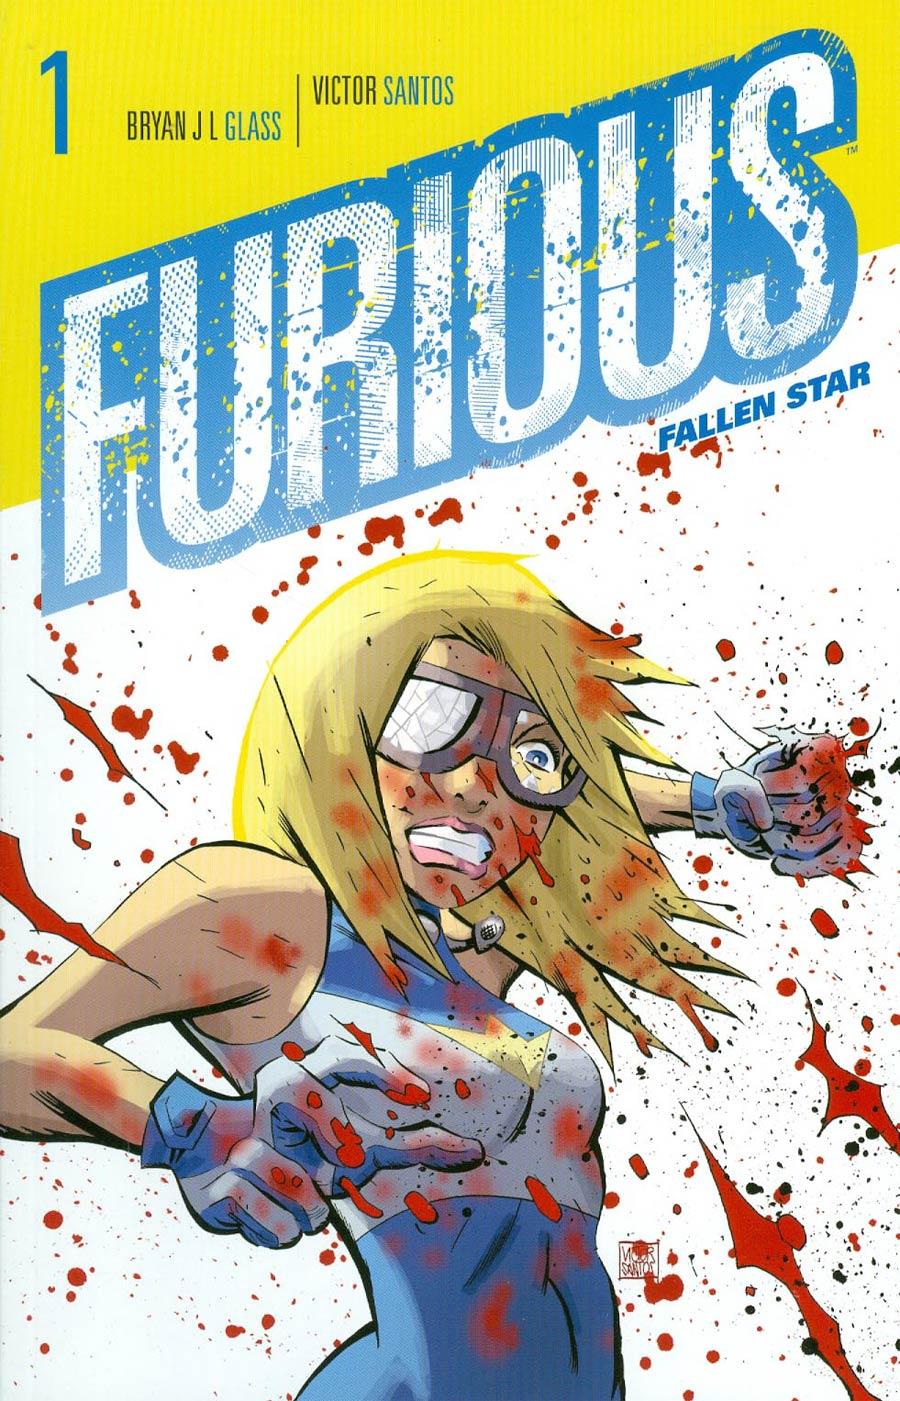 Furious Vol 1 Fallen Star TP